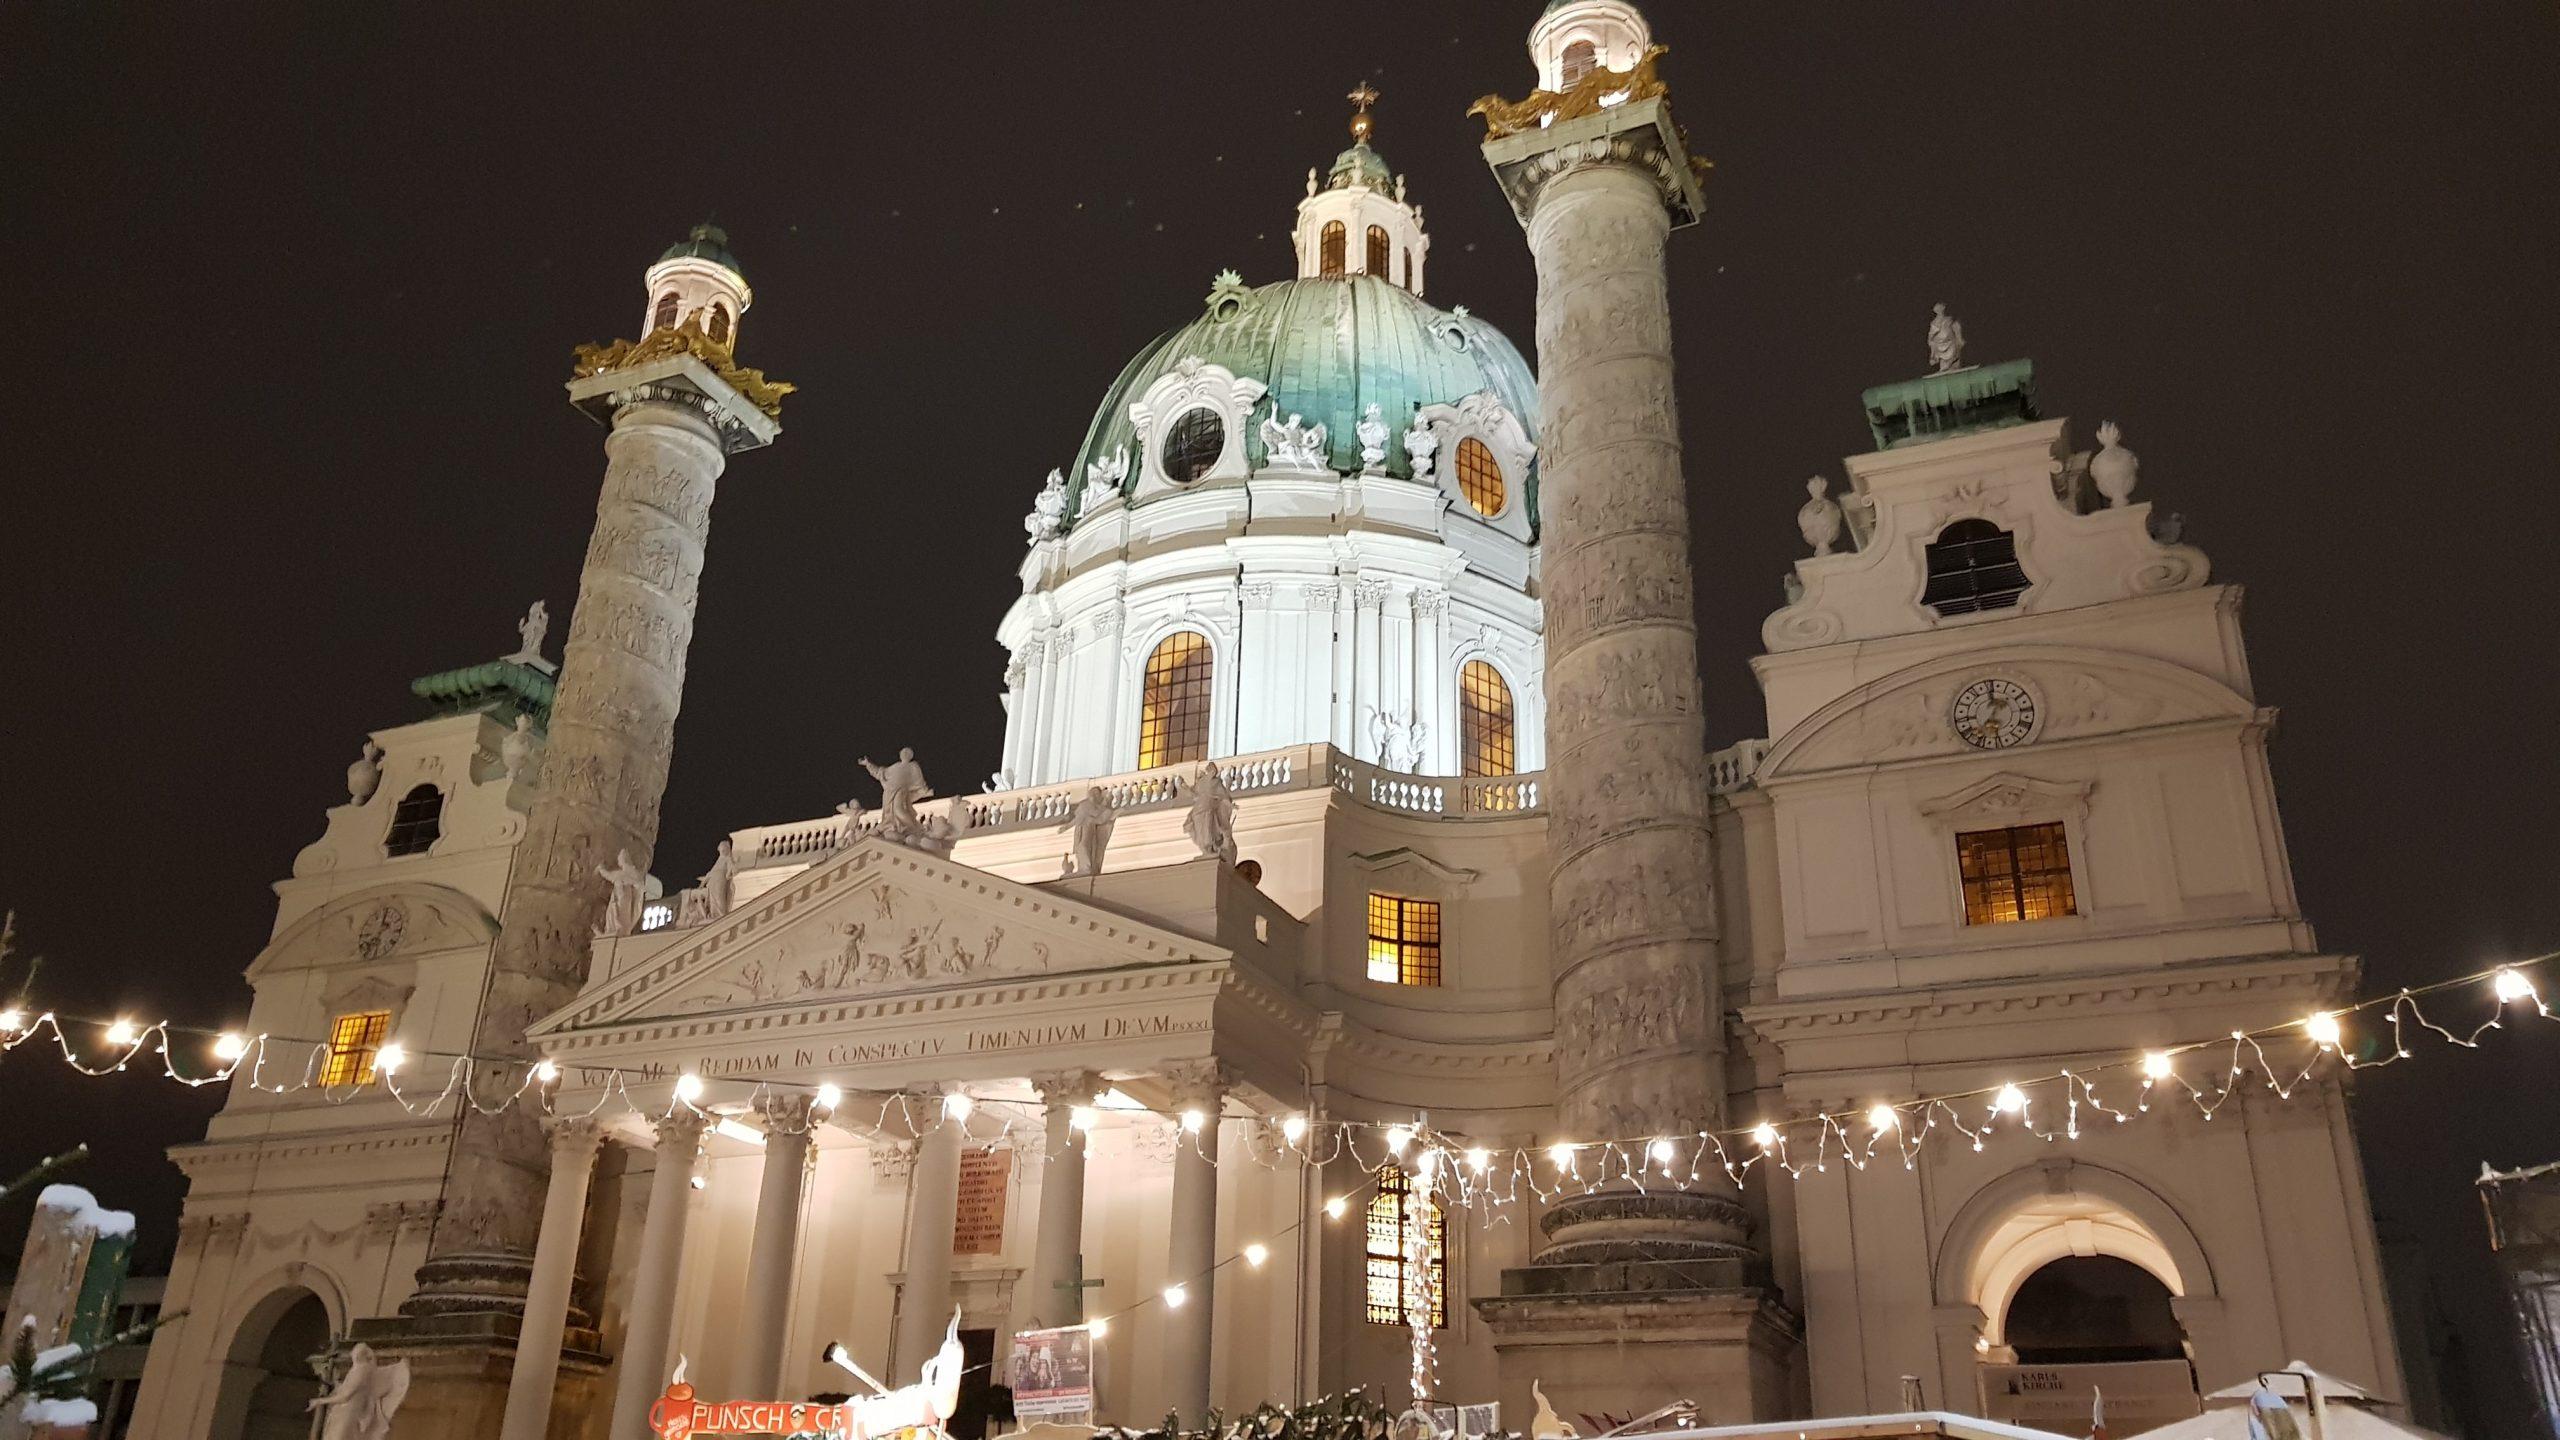 Iglesia de San Carlos Borromeo (Viena) iluminada por la noche